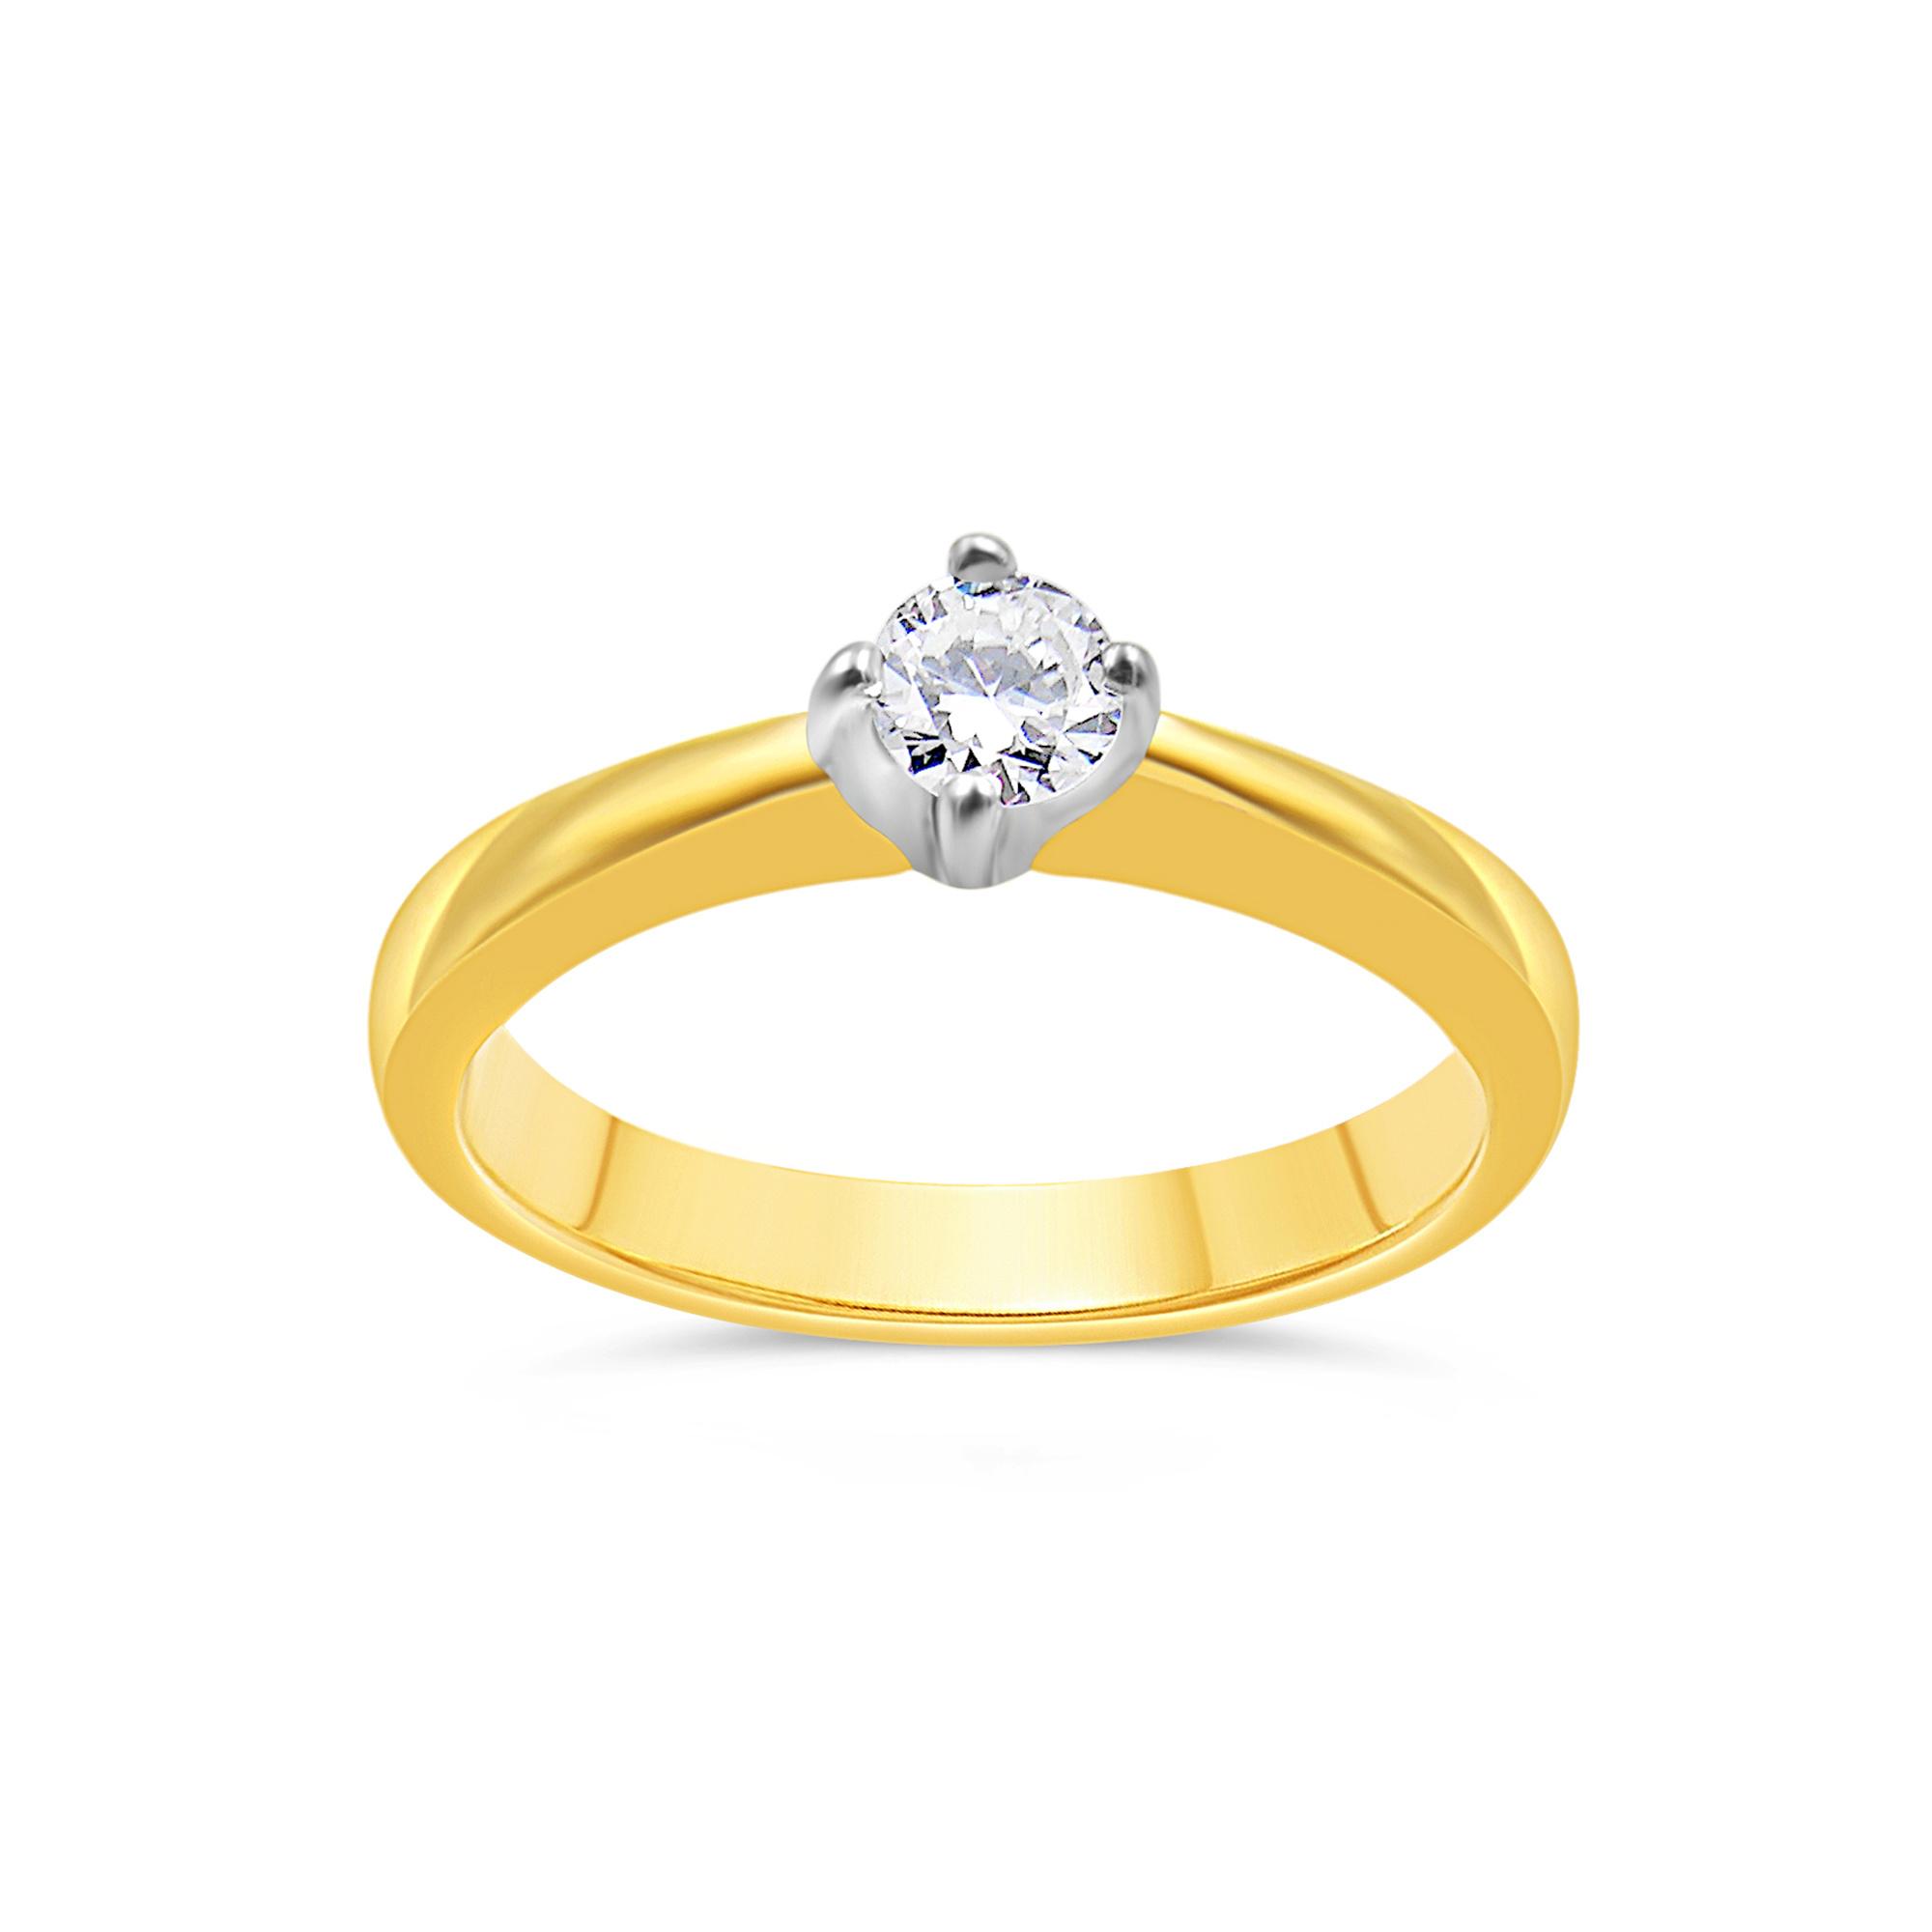 18kt geel goud verlovingsring met 0.26 ct diamant